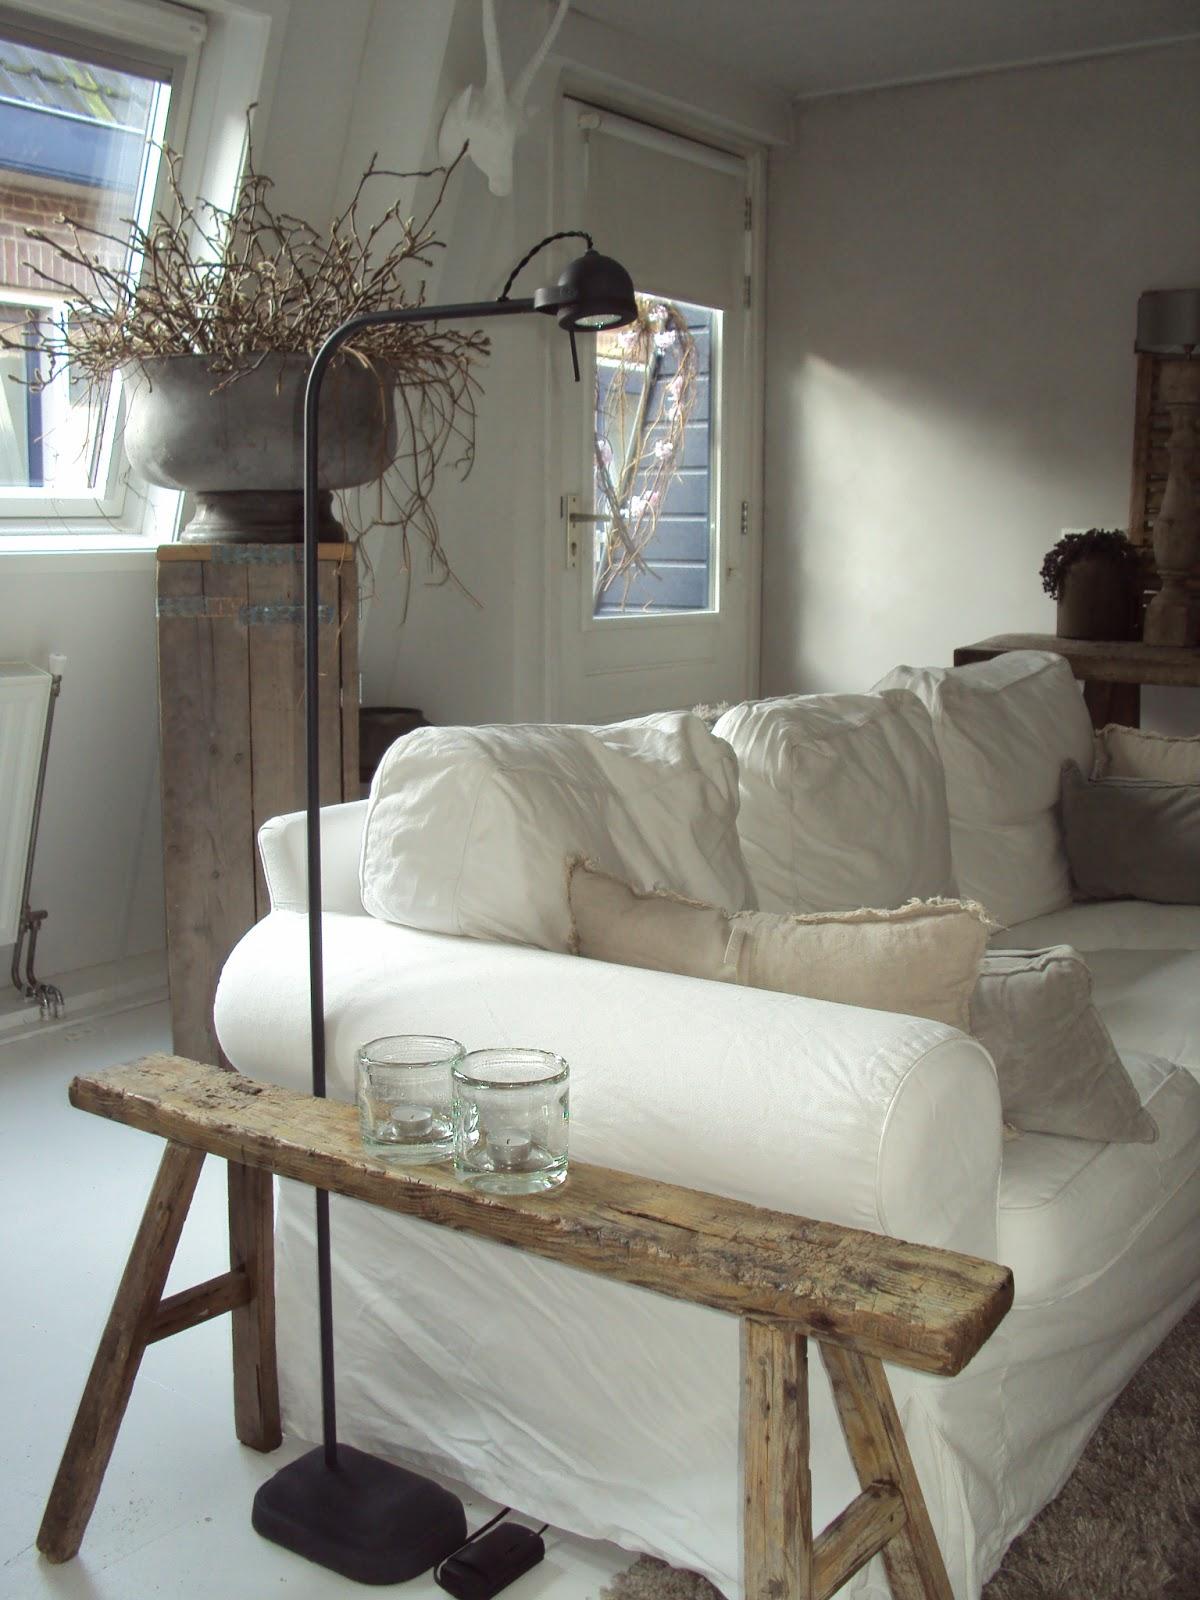 1000+ images about BB: Landelijke decoratie on Pinterest ...